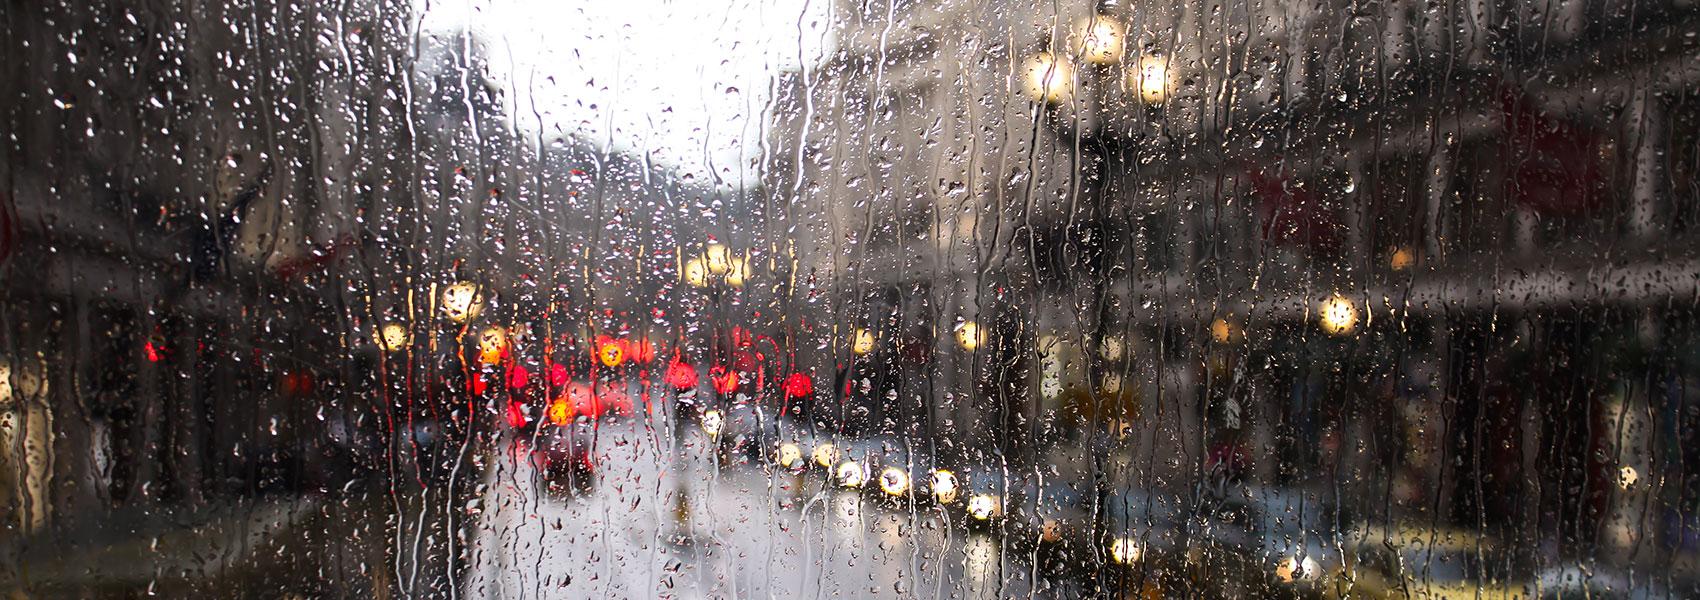 https://res.cloudinary.com/destinology/image/upload/v1537536396/InspirationImages/558/Banner-Rain.jpg